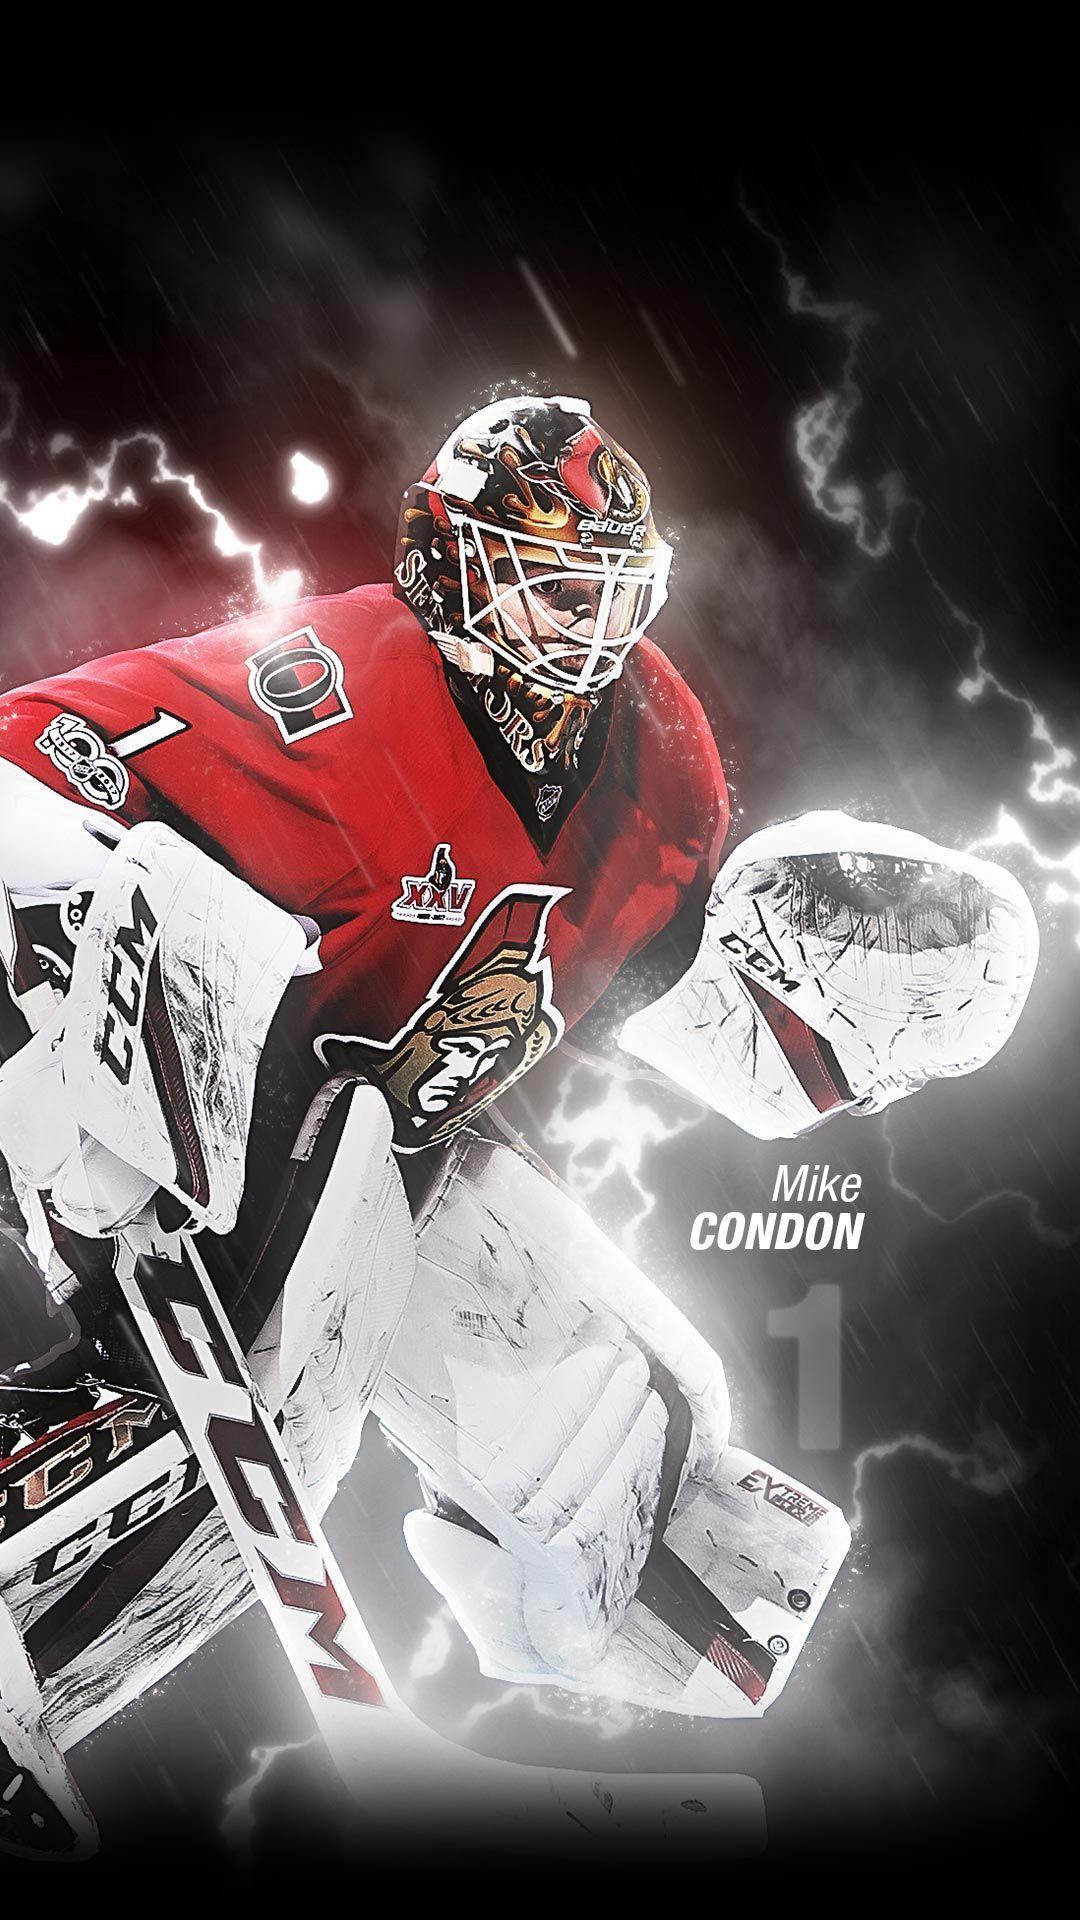 Hockey Goalie Iphone Wallpapers Top Free Hockey Goalie Iphone